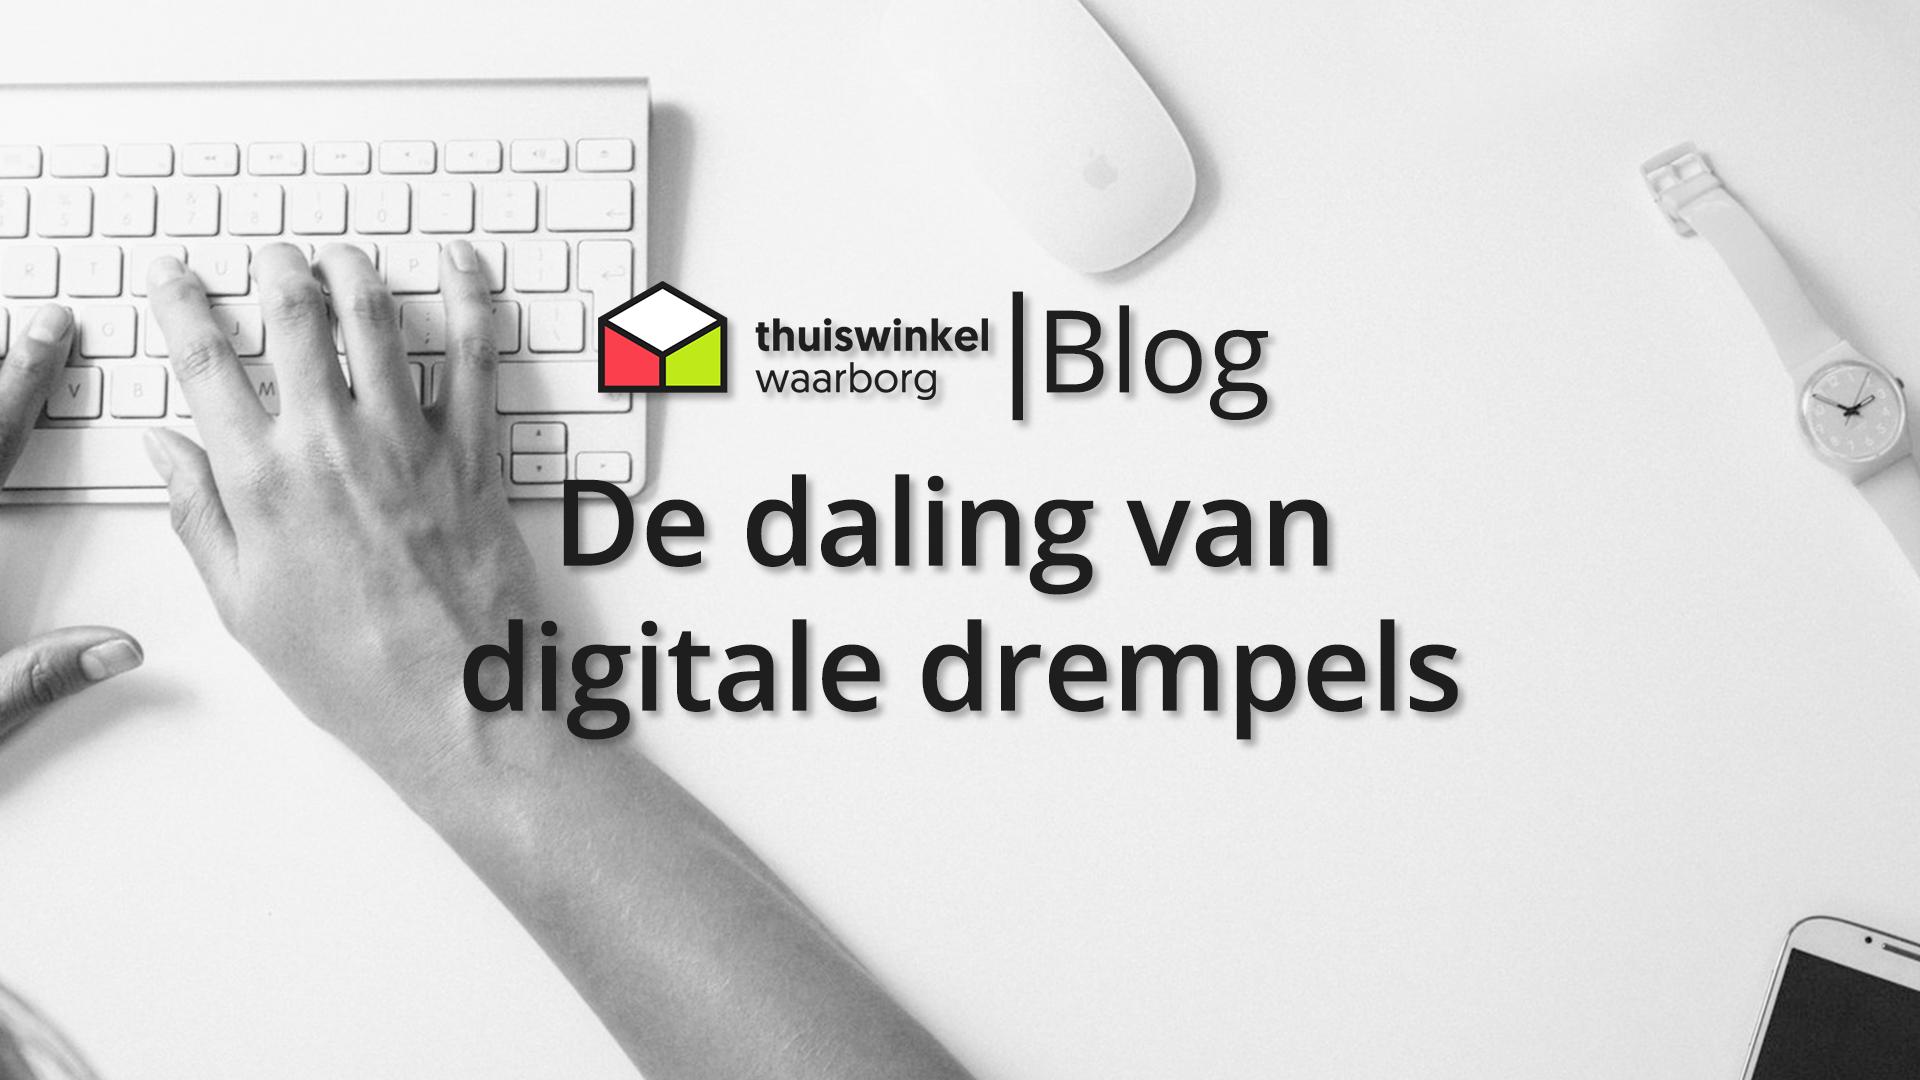 De daling van digitale drempels